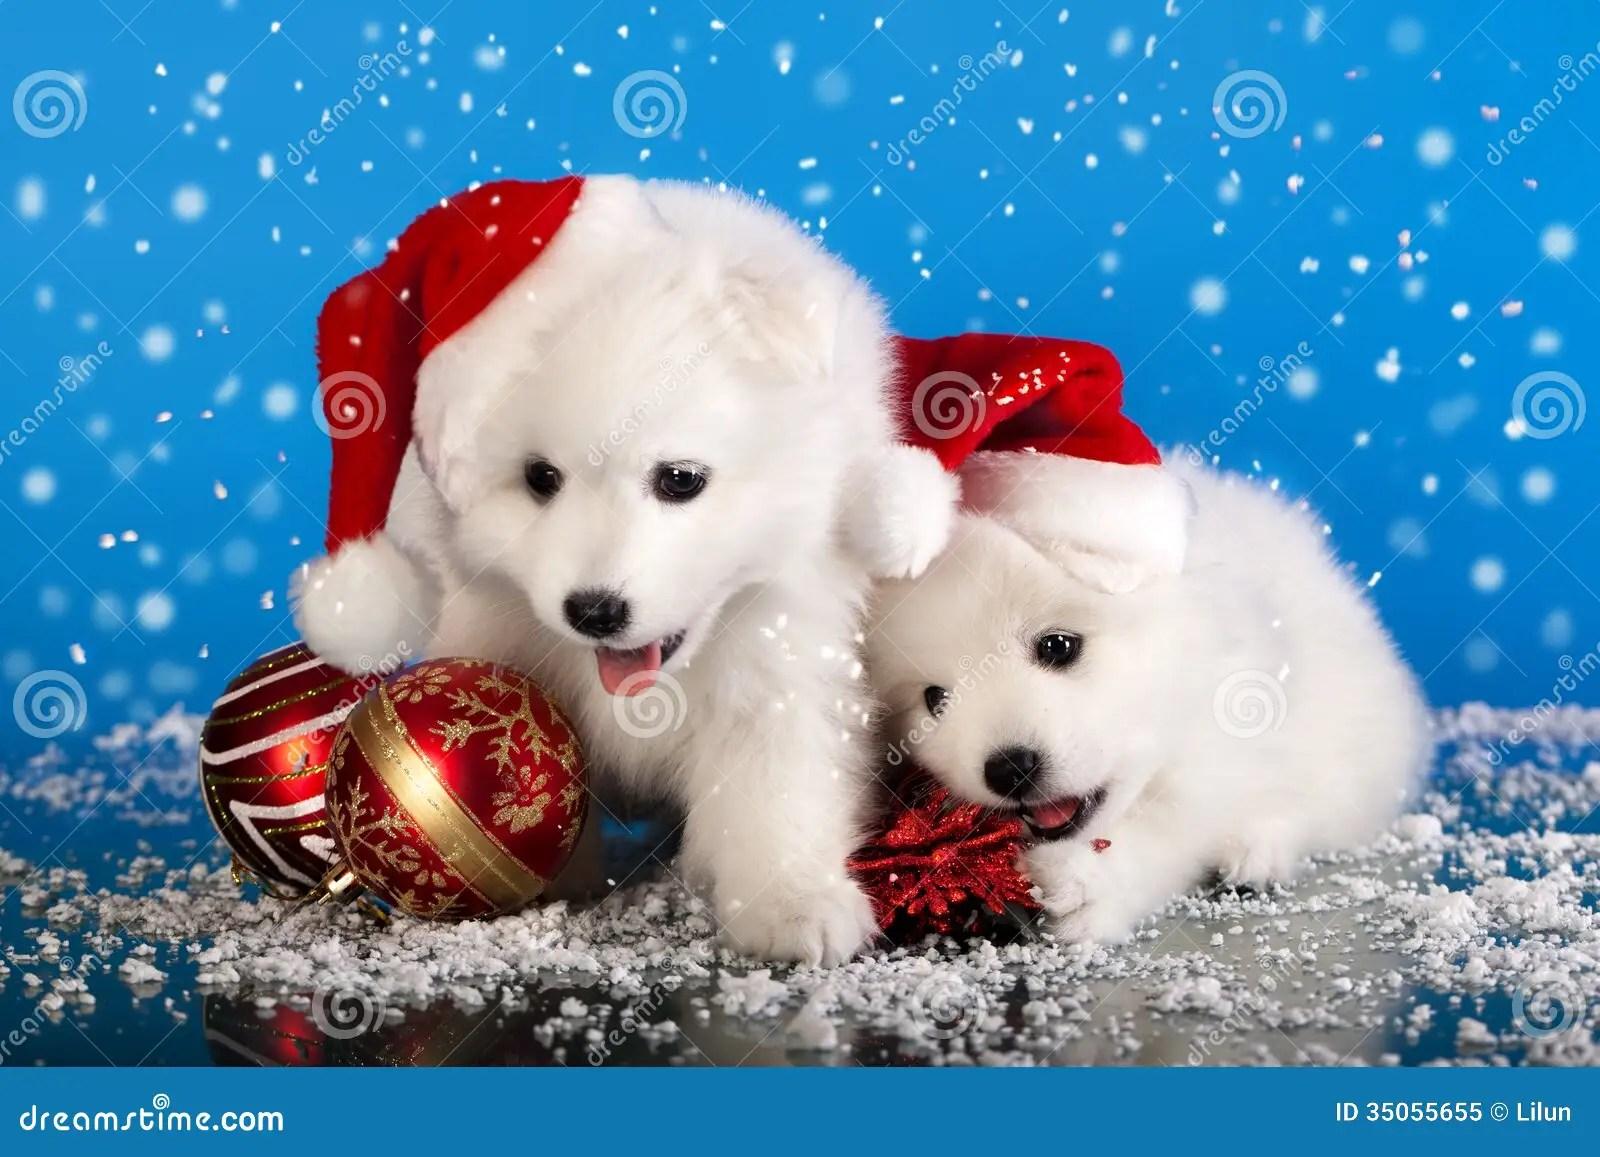 Spitz Dei Cuccioli Di Natale Immagine Stock Immagine Di